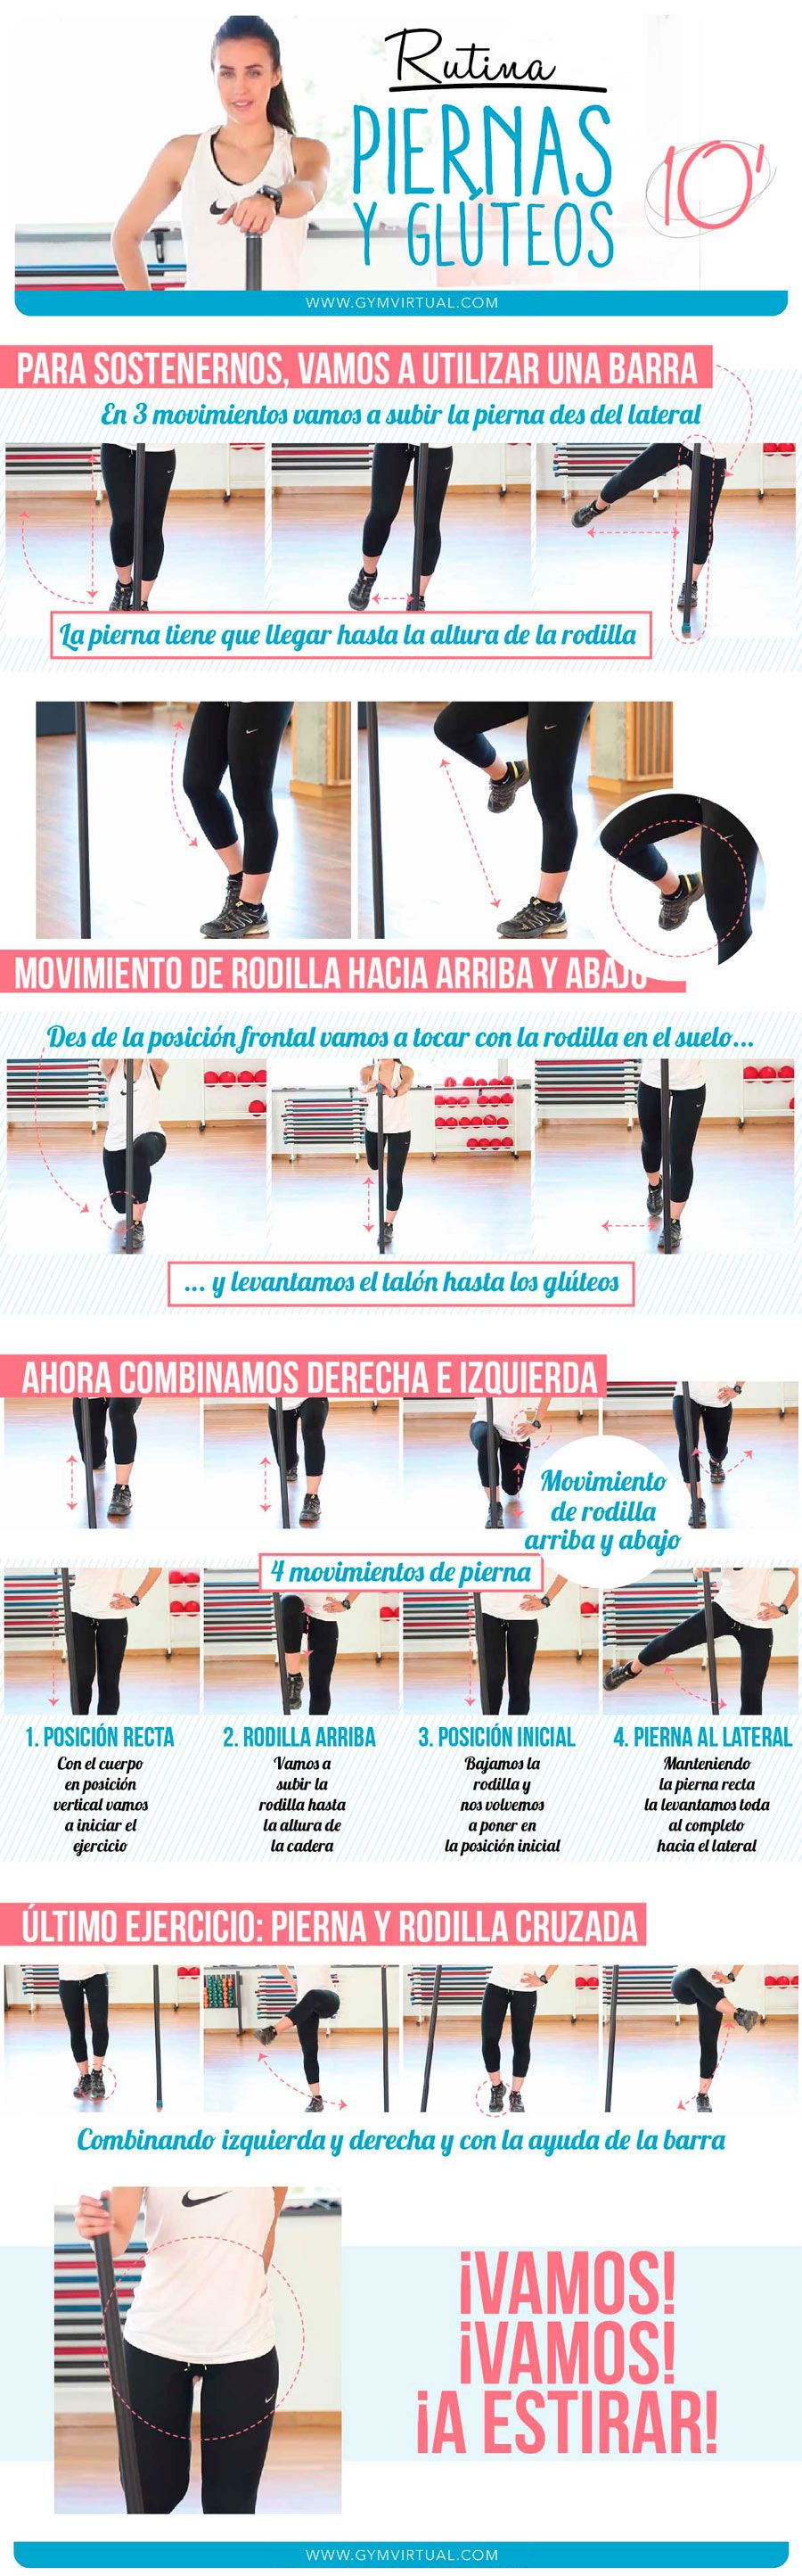 Rutina 10 minutos de ejercicios de piernas y gl teos paso for Ejercicios de gym